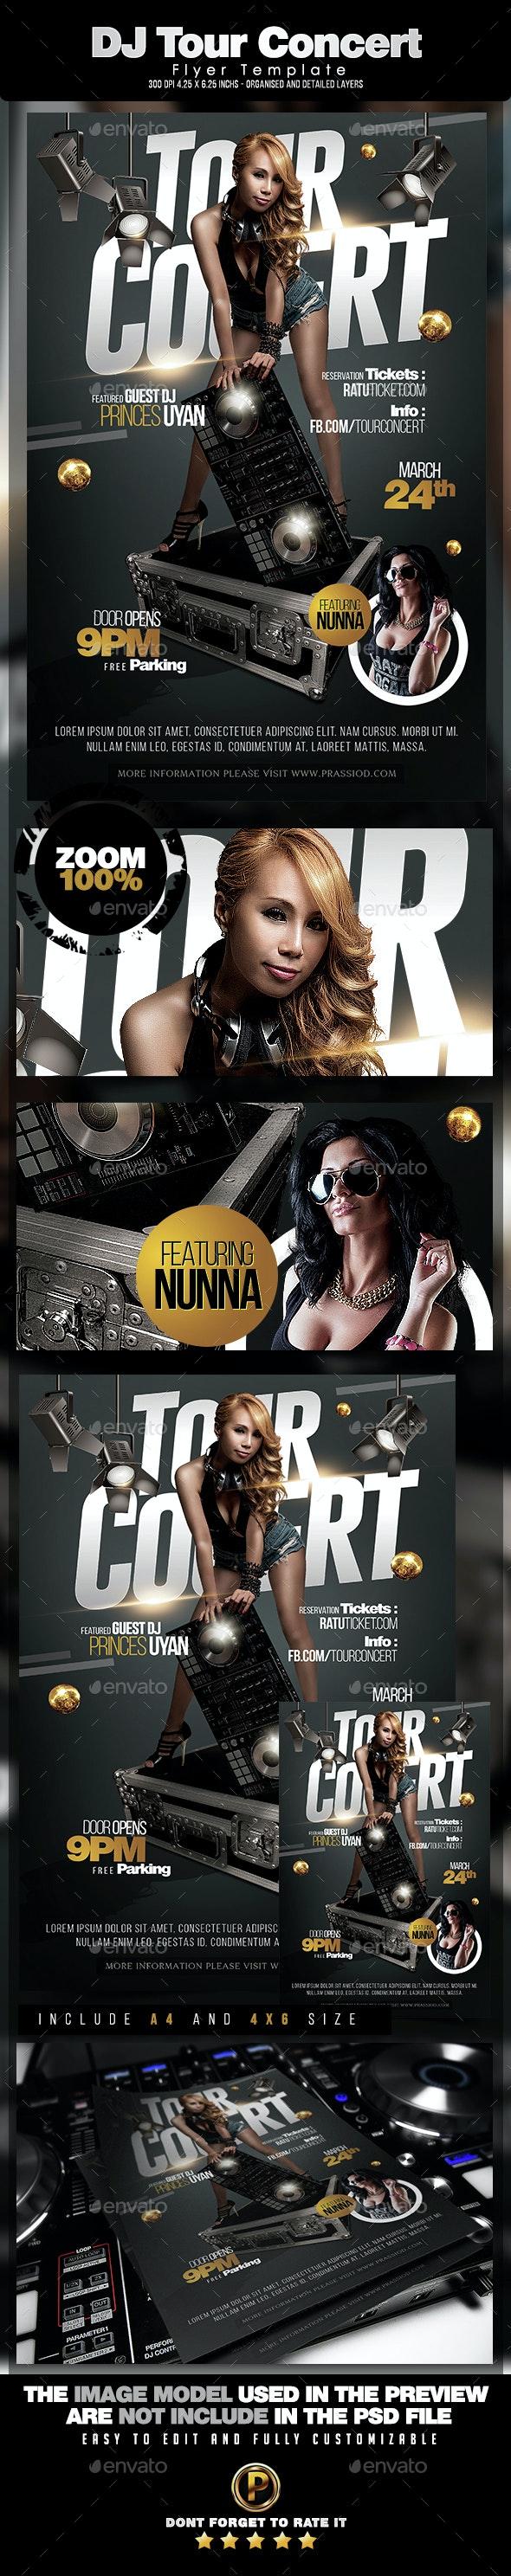 DJ Tour Concert Flyer Template - Events Flyers